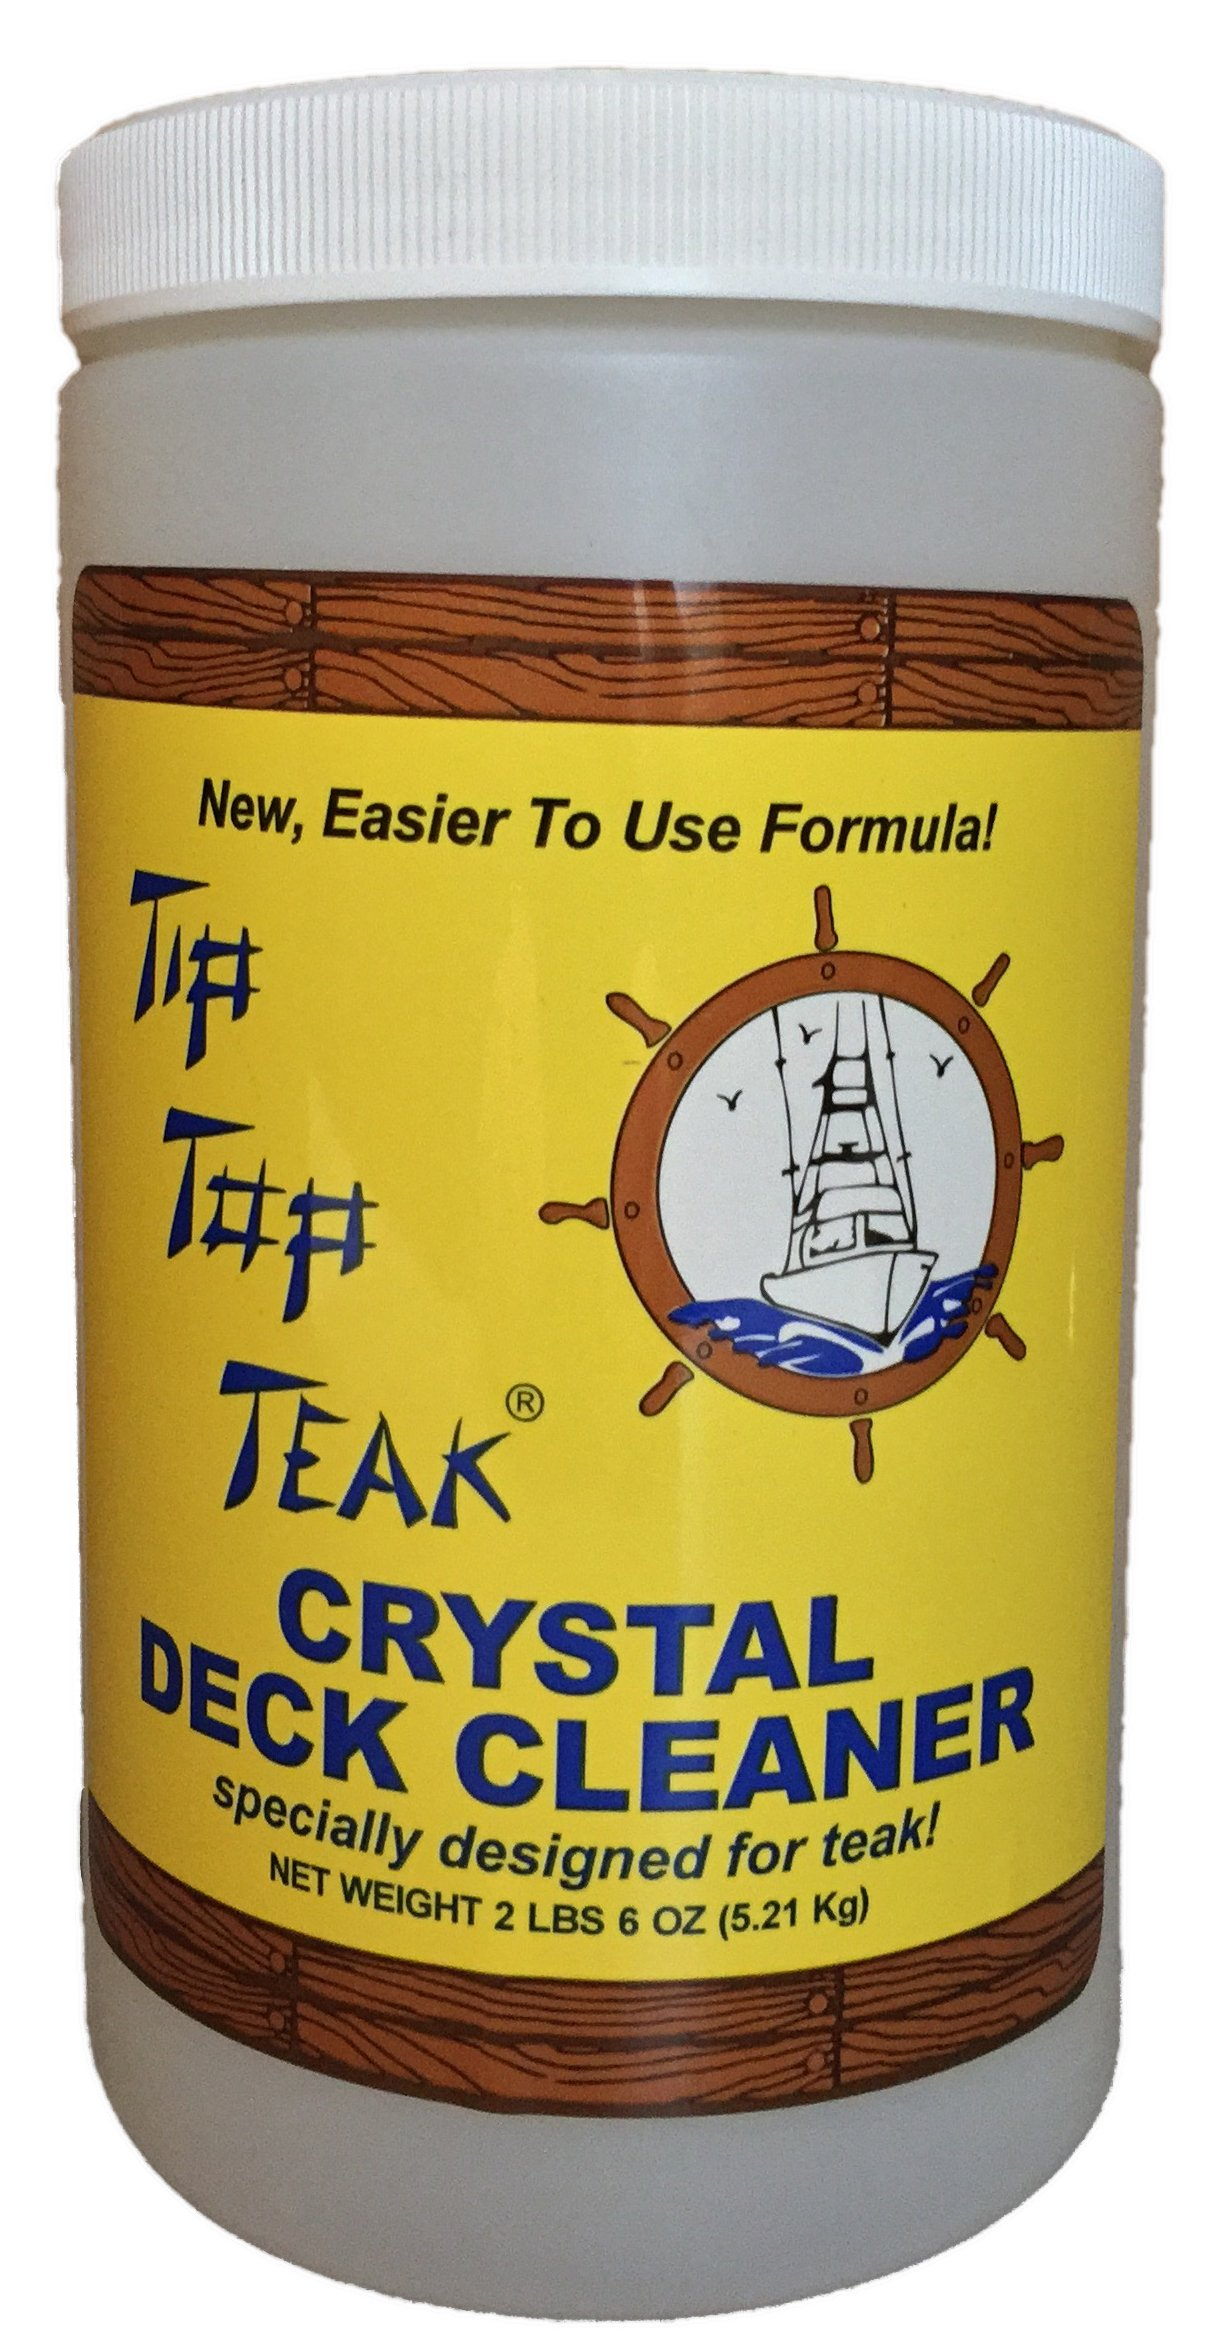 Tip Top Teak Crystal Teak Cleaner by Tip Top Teak